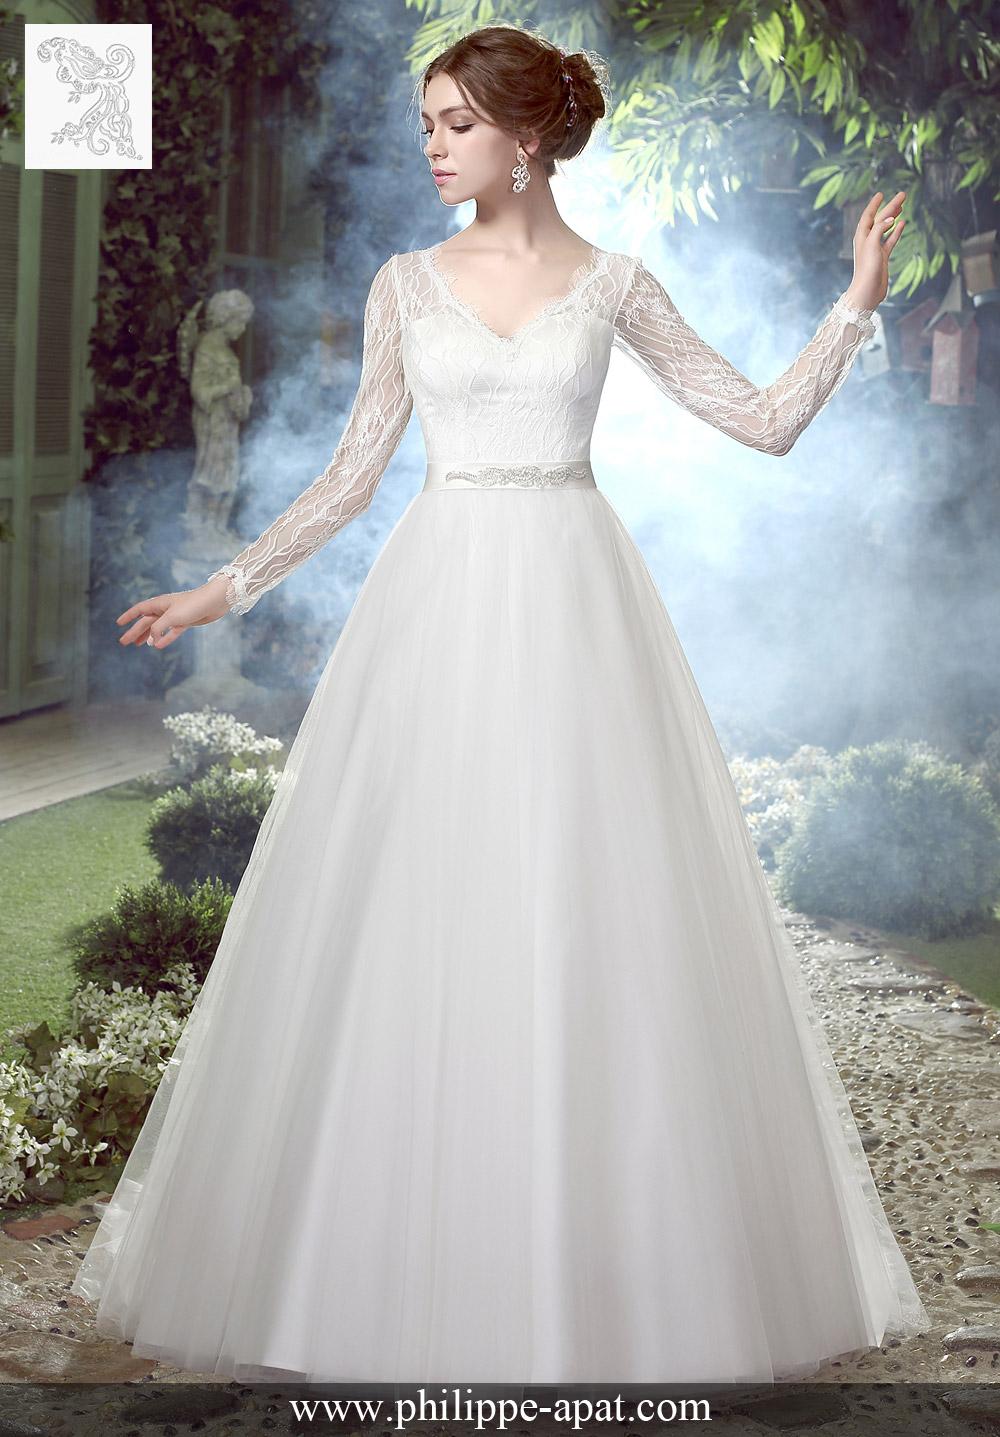 Cette robe de mariée en dentelle et tulle classique dispose d\u0027un beau  décolleté échancré en V, manches longues en dentelle délicate et profonde  ceinture V